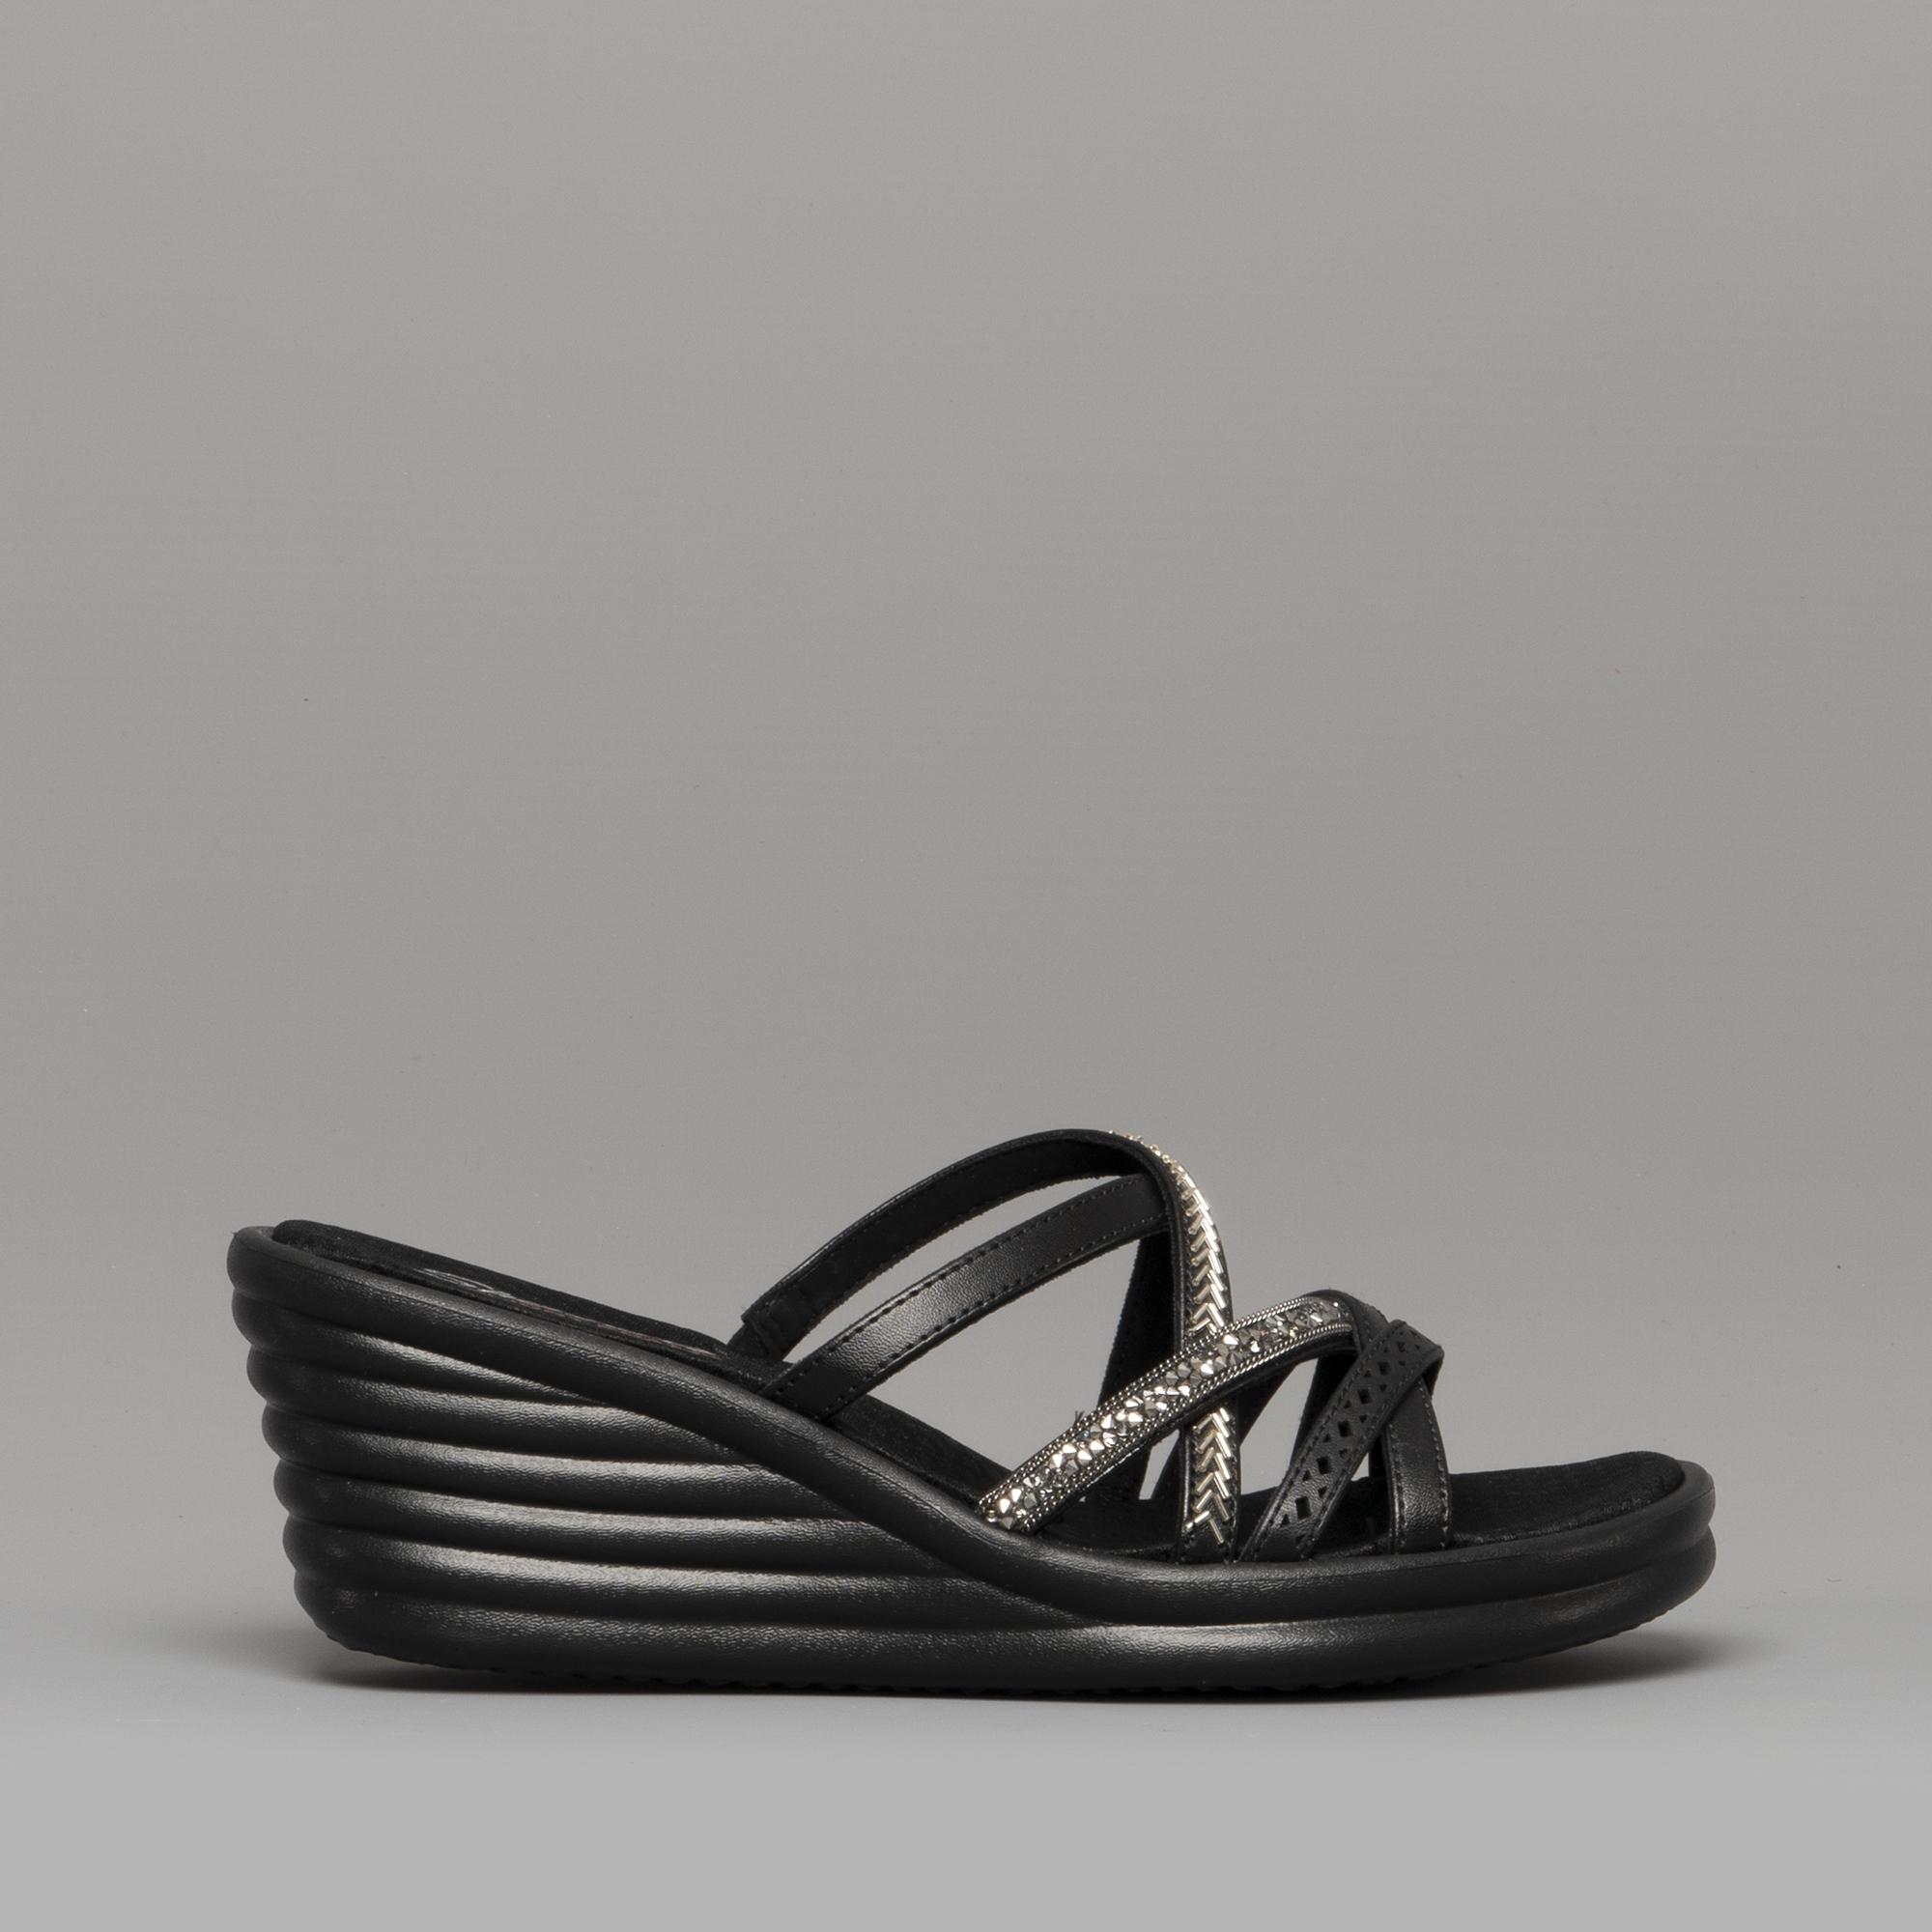 a43b23c01f4b1 Skechers RUMBLER WAVE NEW LASSIE Ladies Wedge Heel Sandals Black